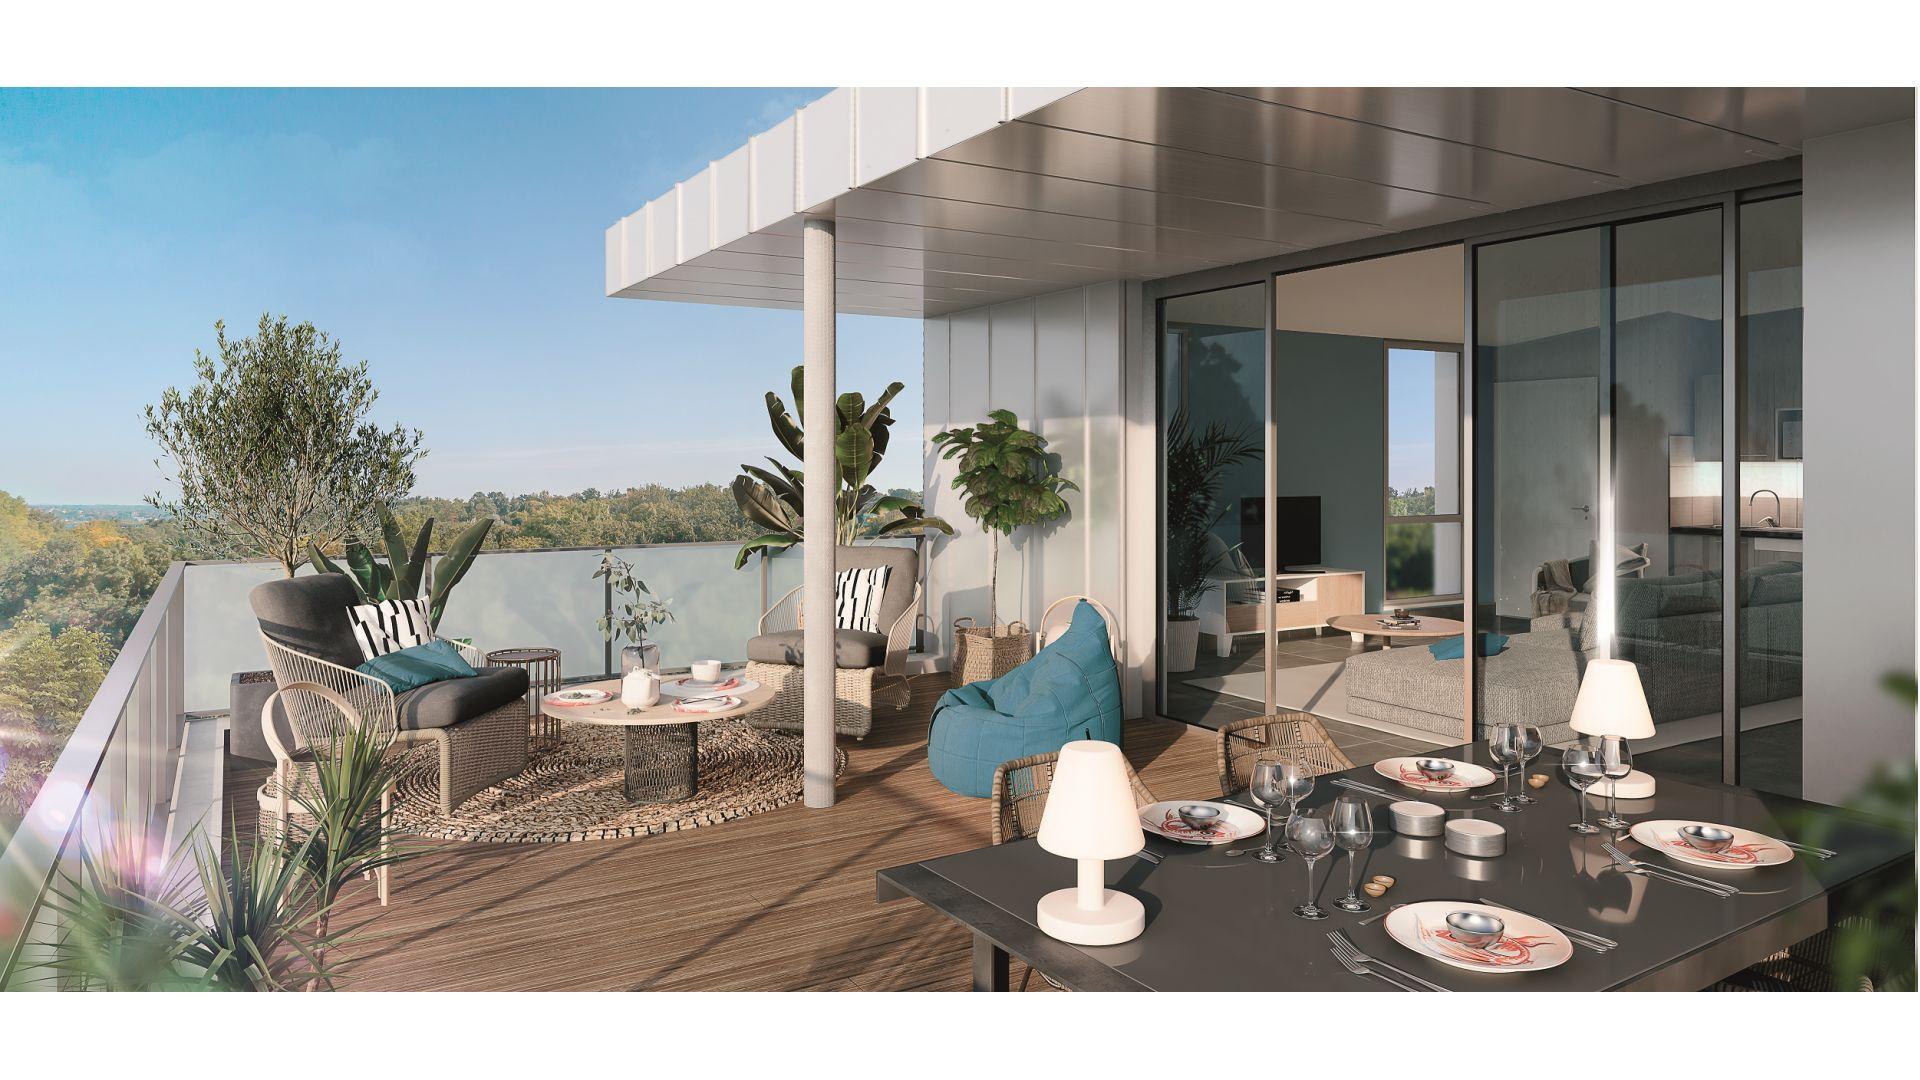 Greencity Immobilier - Résidence Les Jardins de Pouvourville - 31200 Toulouse Pouvourville - a vendre appartements du T2 au T4 - vue terrasse